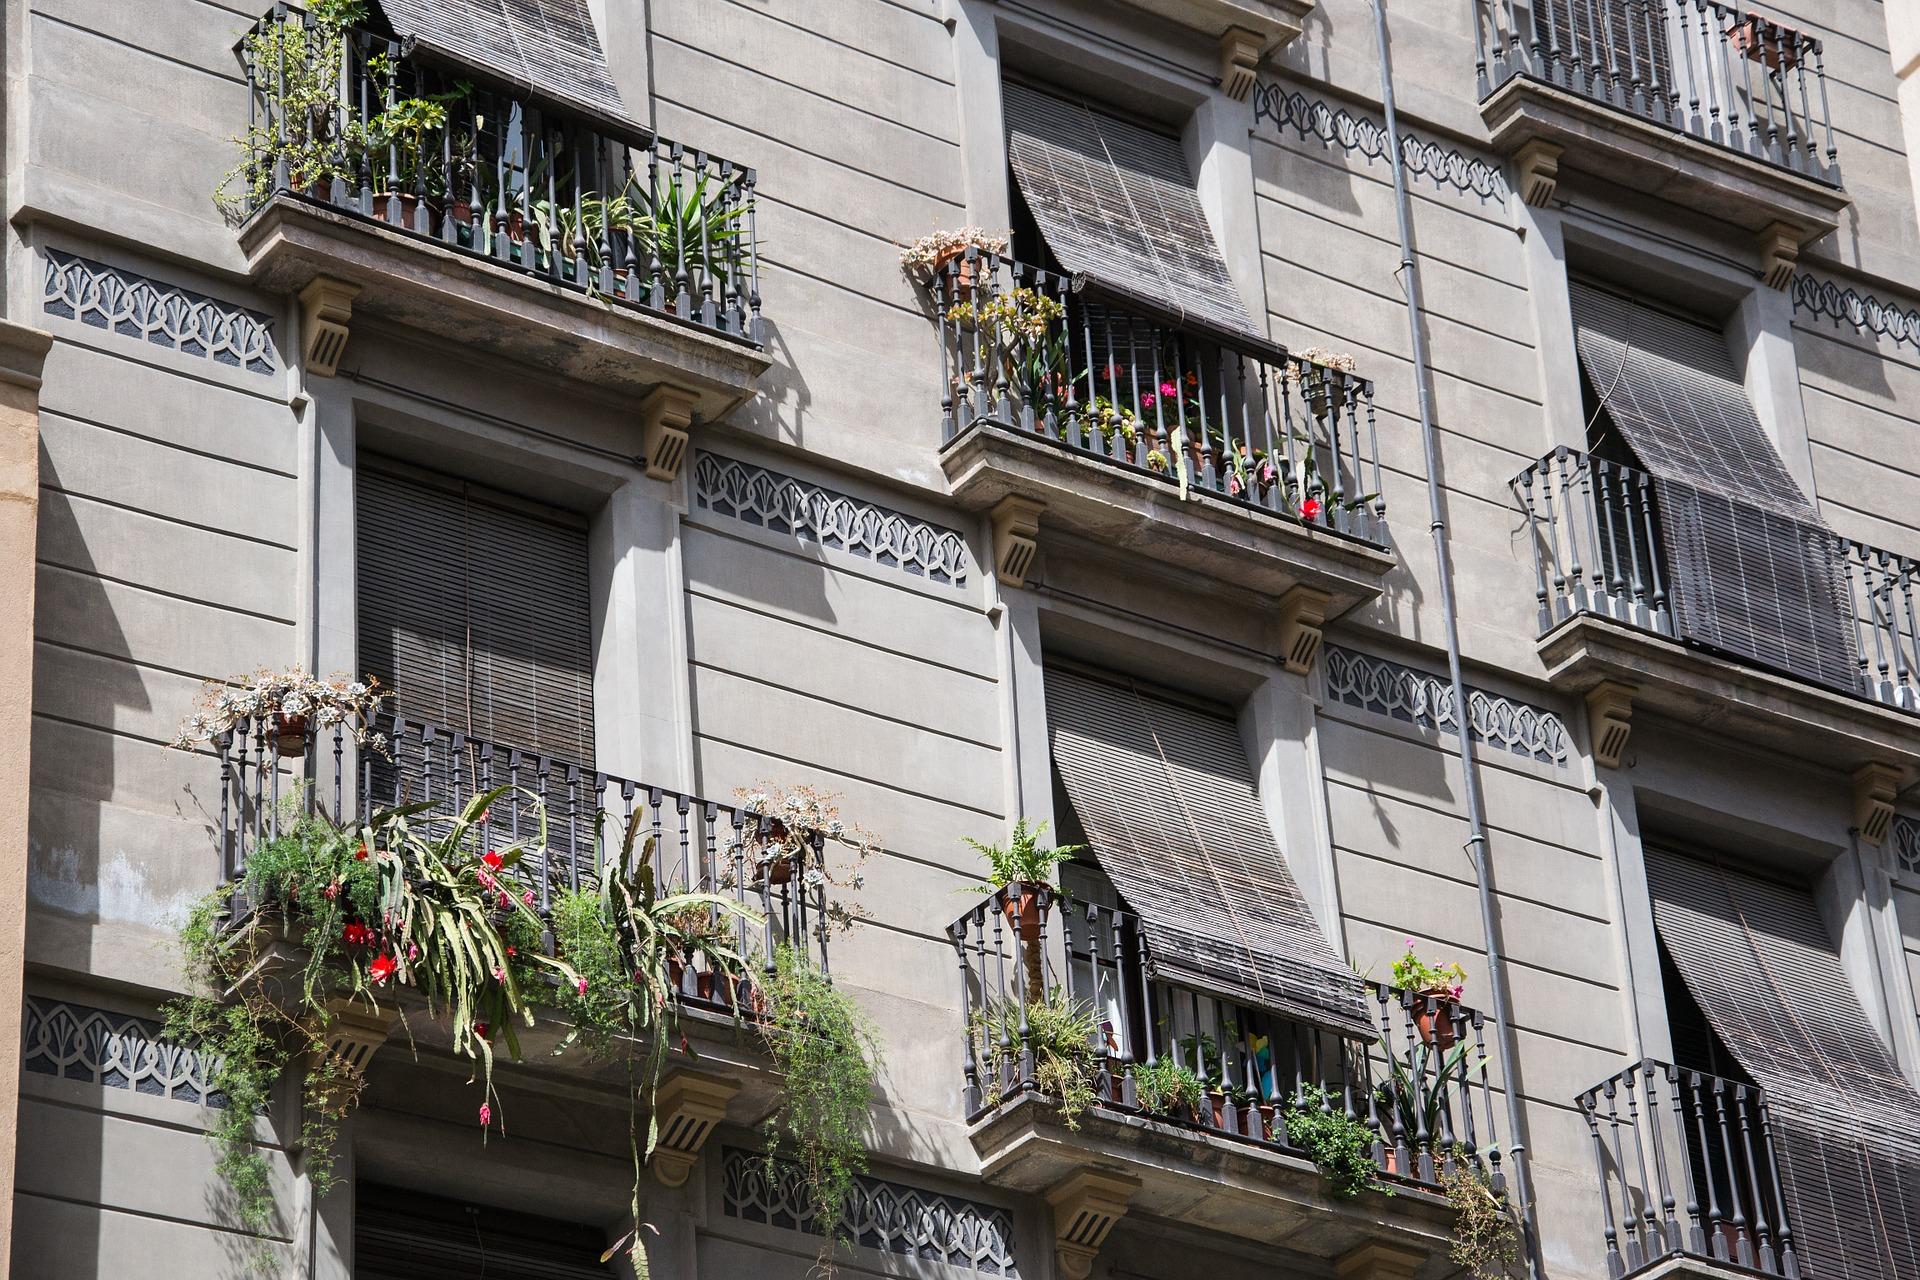 Las inmobiliarias tradicionales se adaptan a la gestión de pisos turísticos Lodging Management